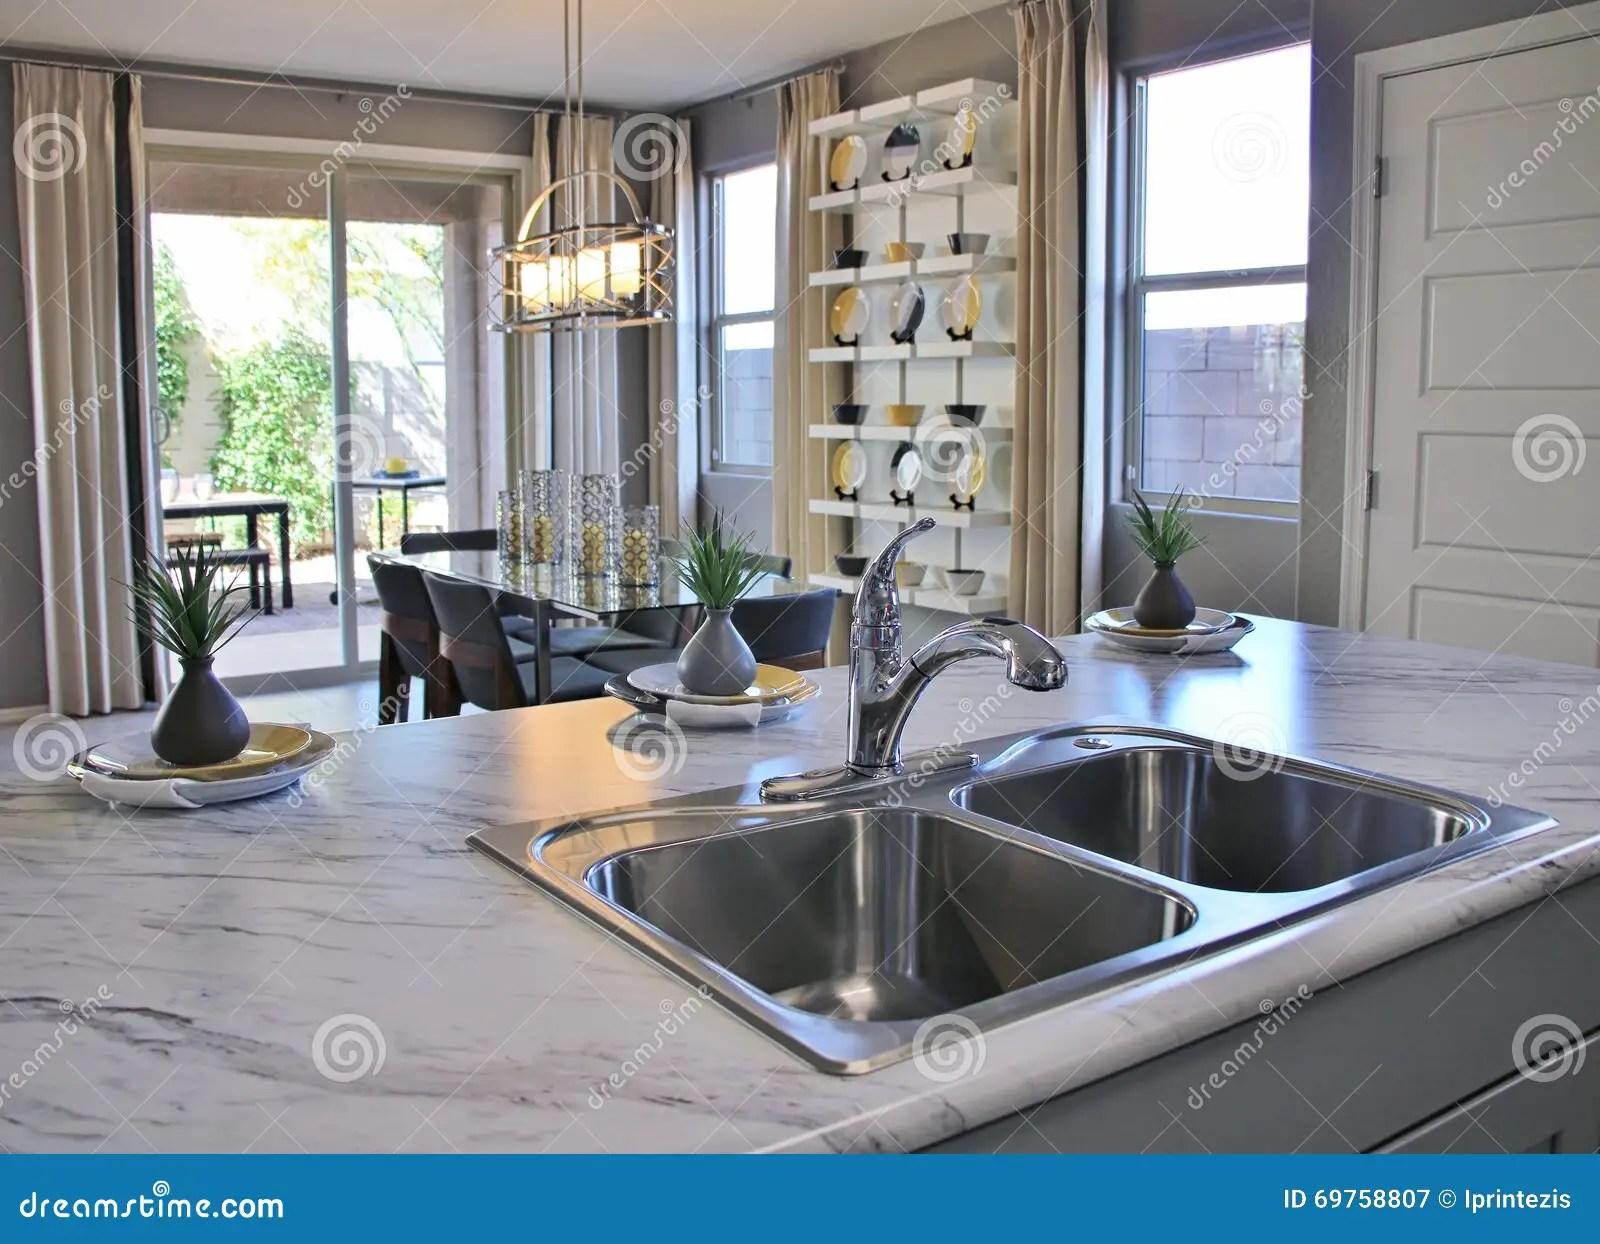 Cucina E Sala Da Pranzo Moderne Immagine Stock  Immagine di arredamento piatto 69758807